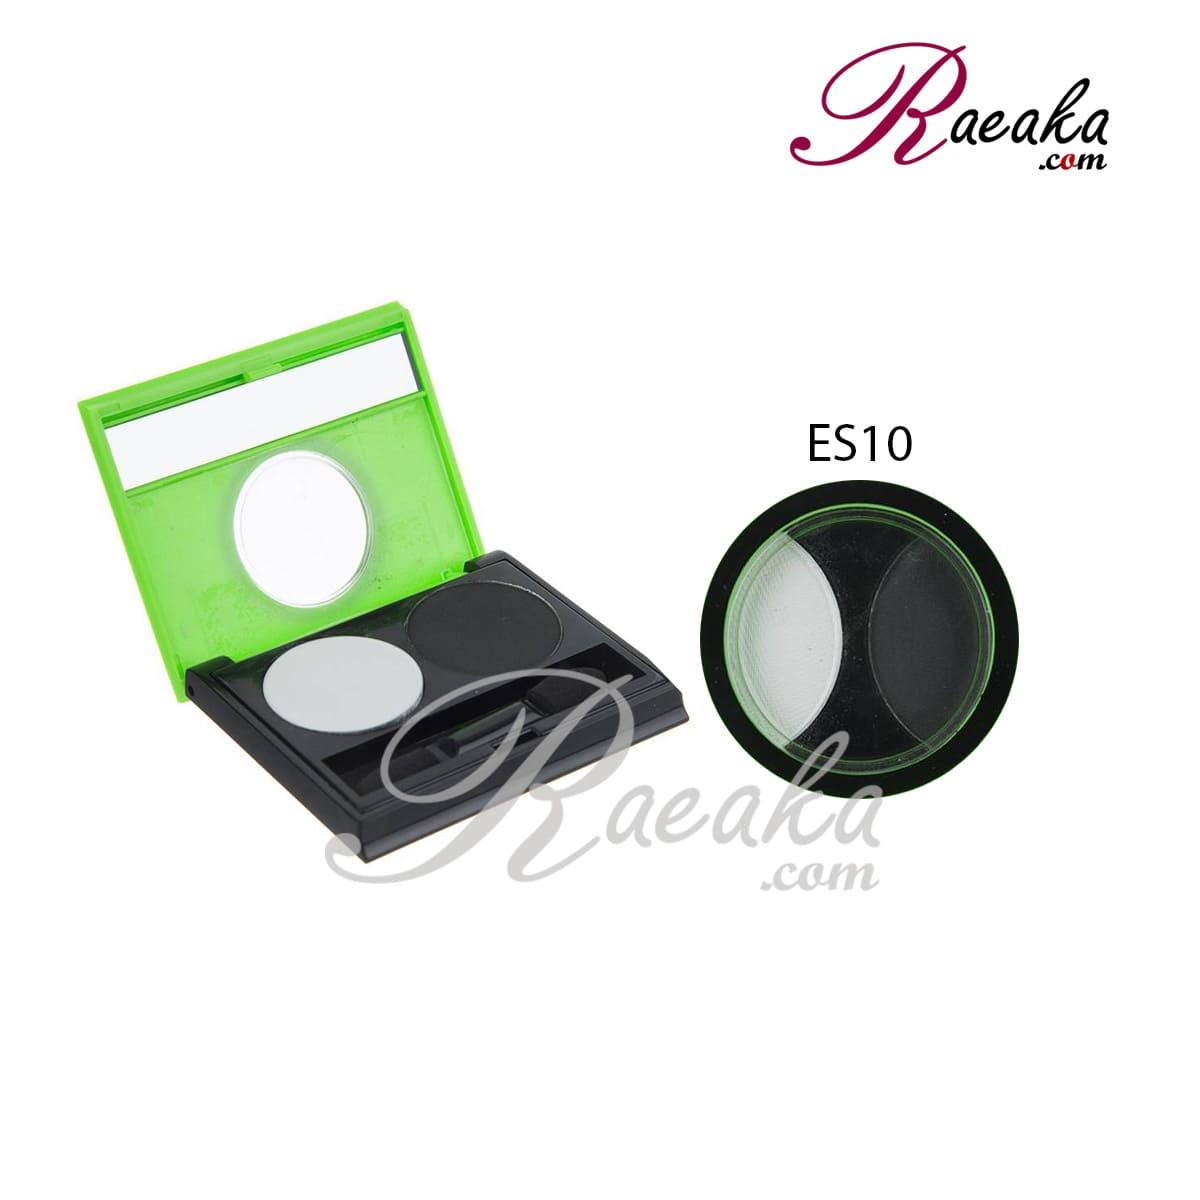 سایه چشم دو تایی کالیستا کد ES10 وزن ۲٫۵*۲ گرم